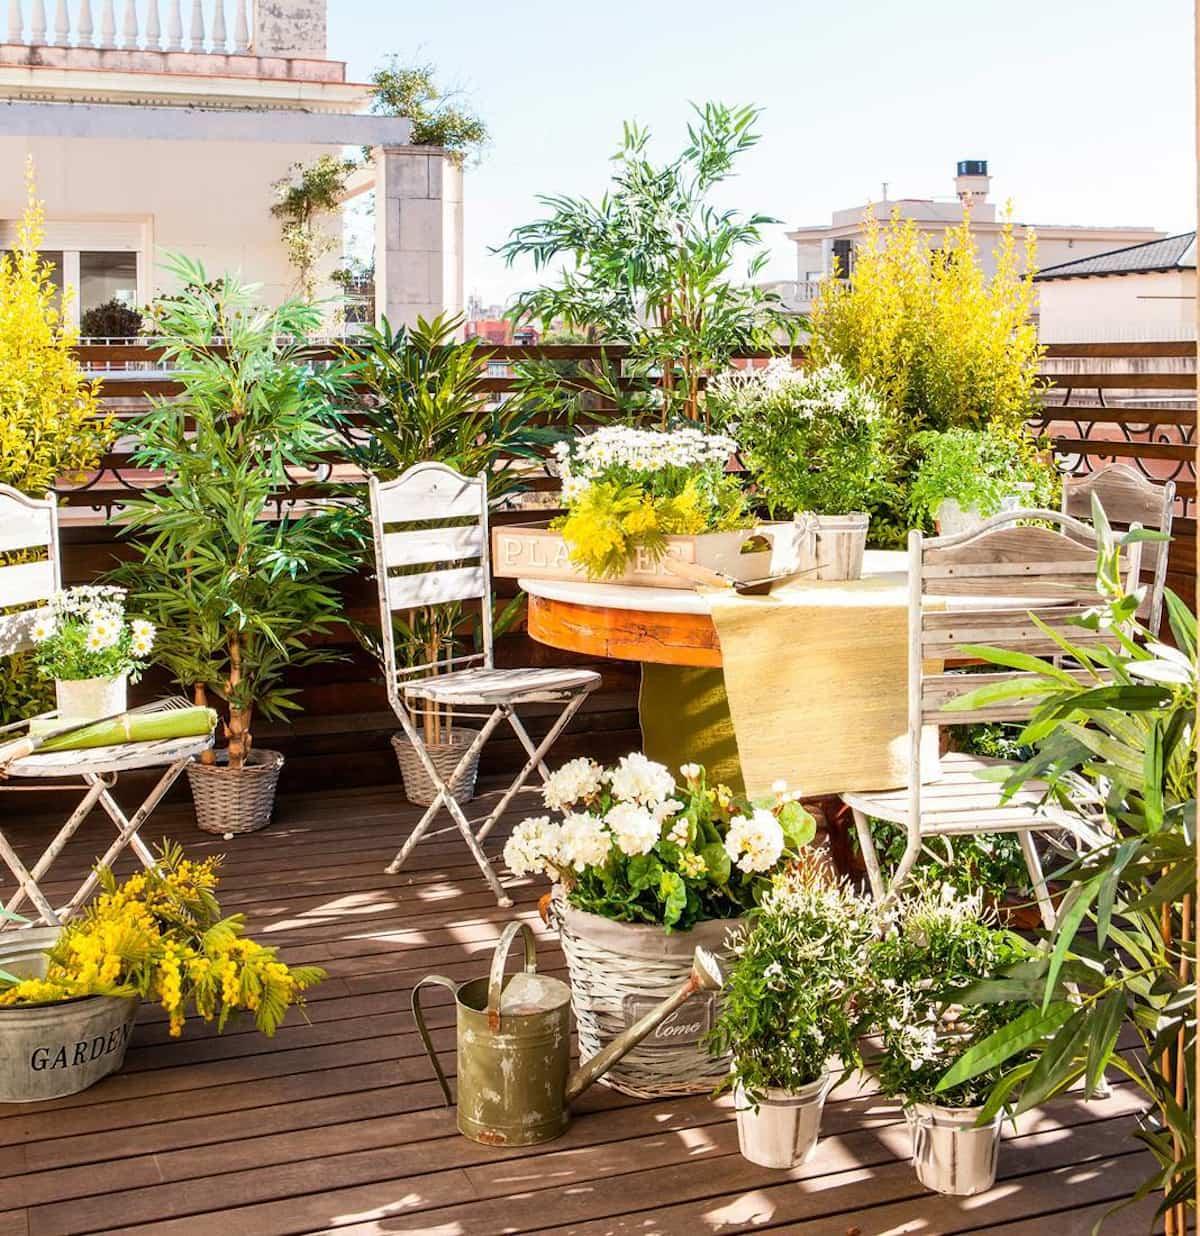 como mantener tus plantas libres de enfermedades y plagas 7